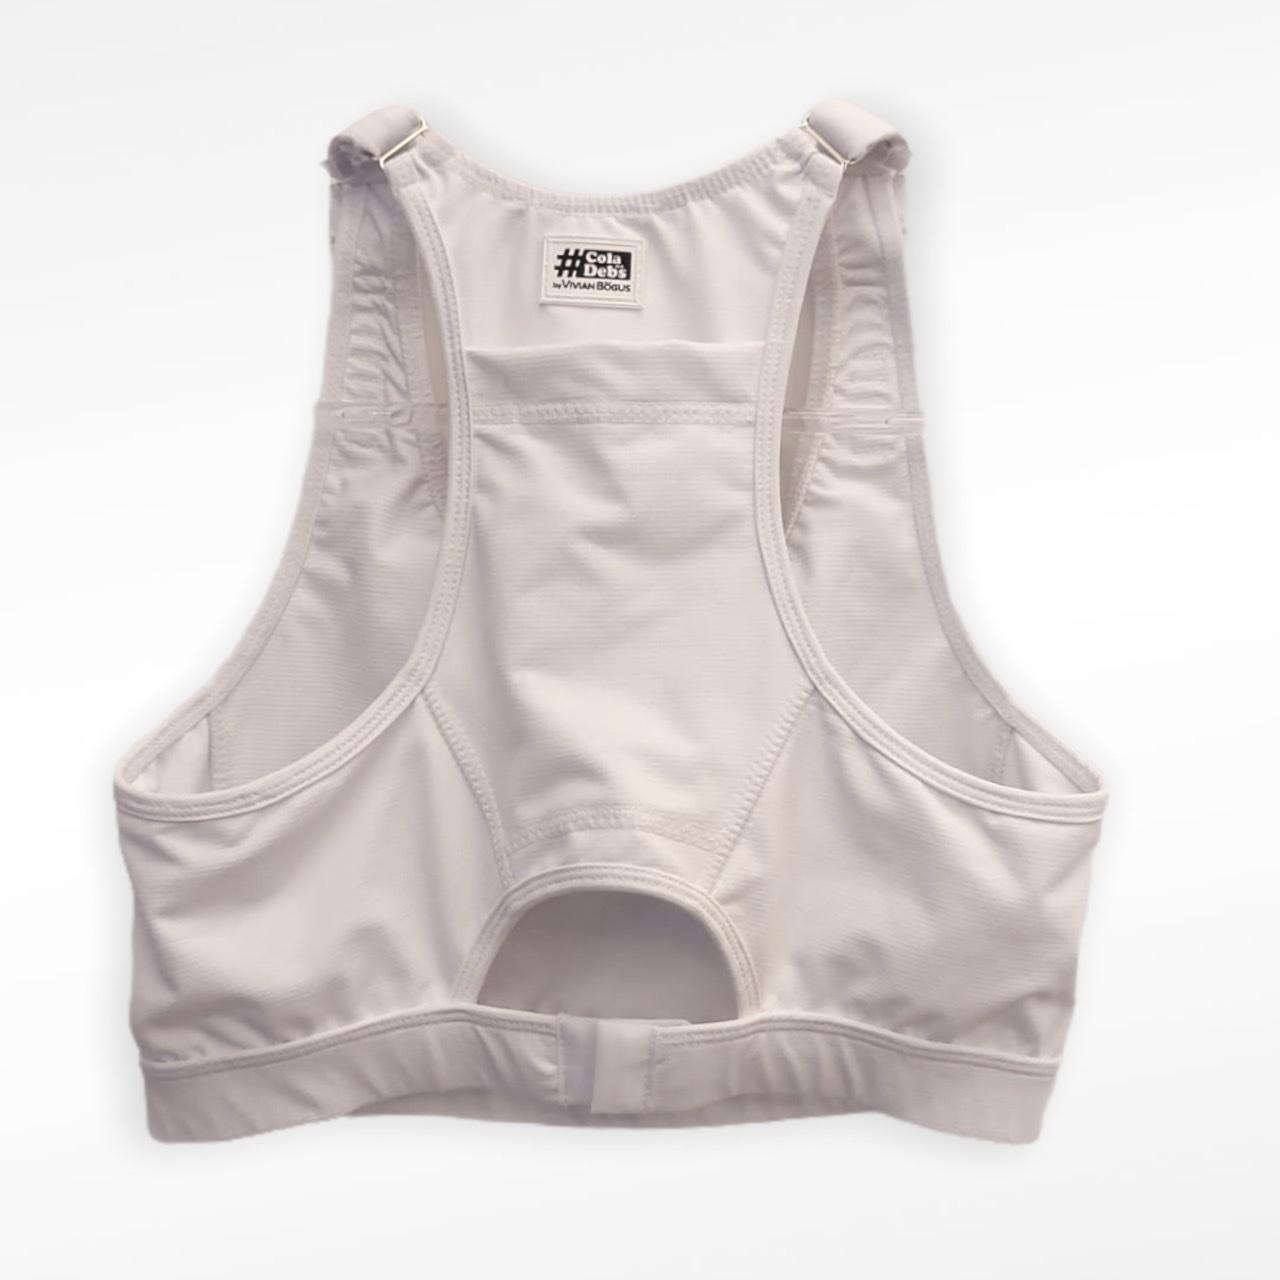 Top mil bolsos de compressão ajustável com bolsos frente e costas branco